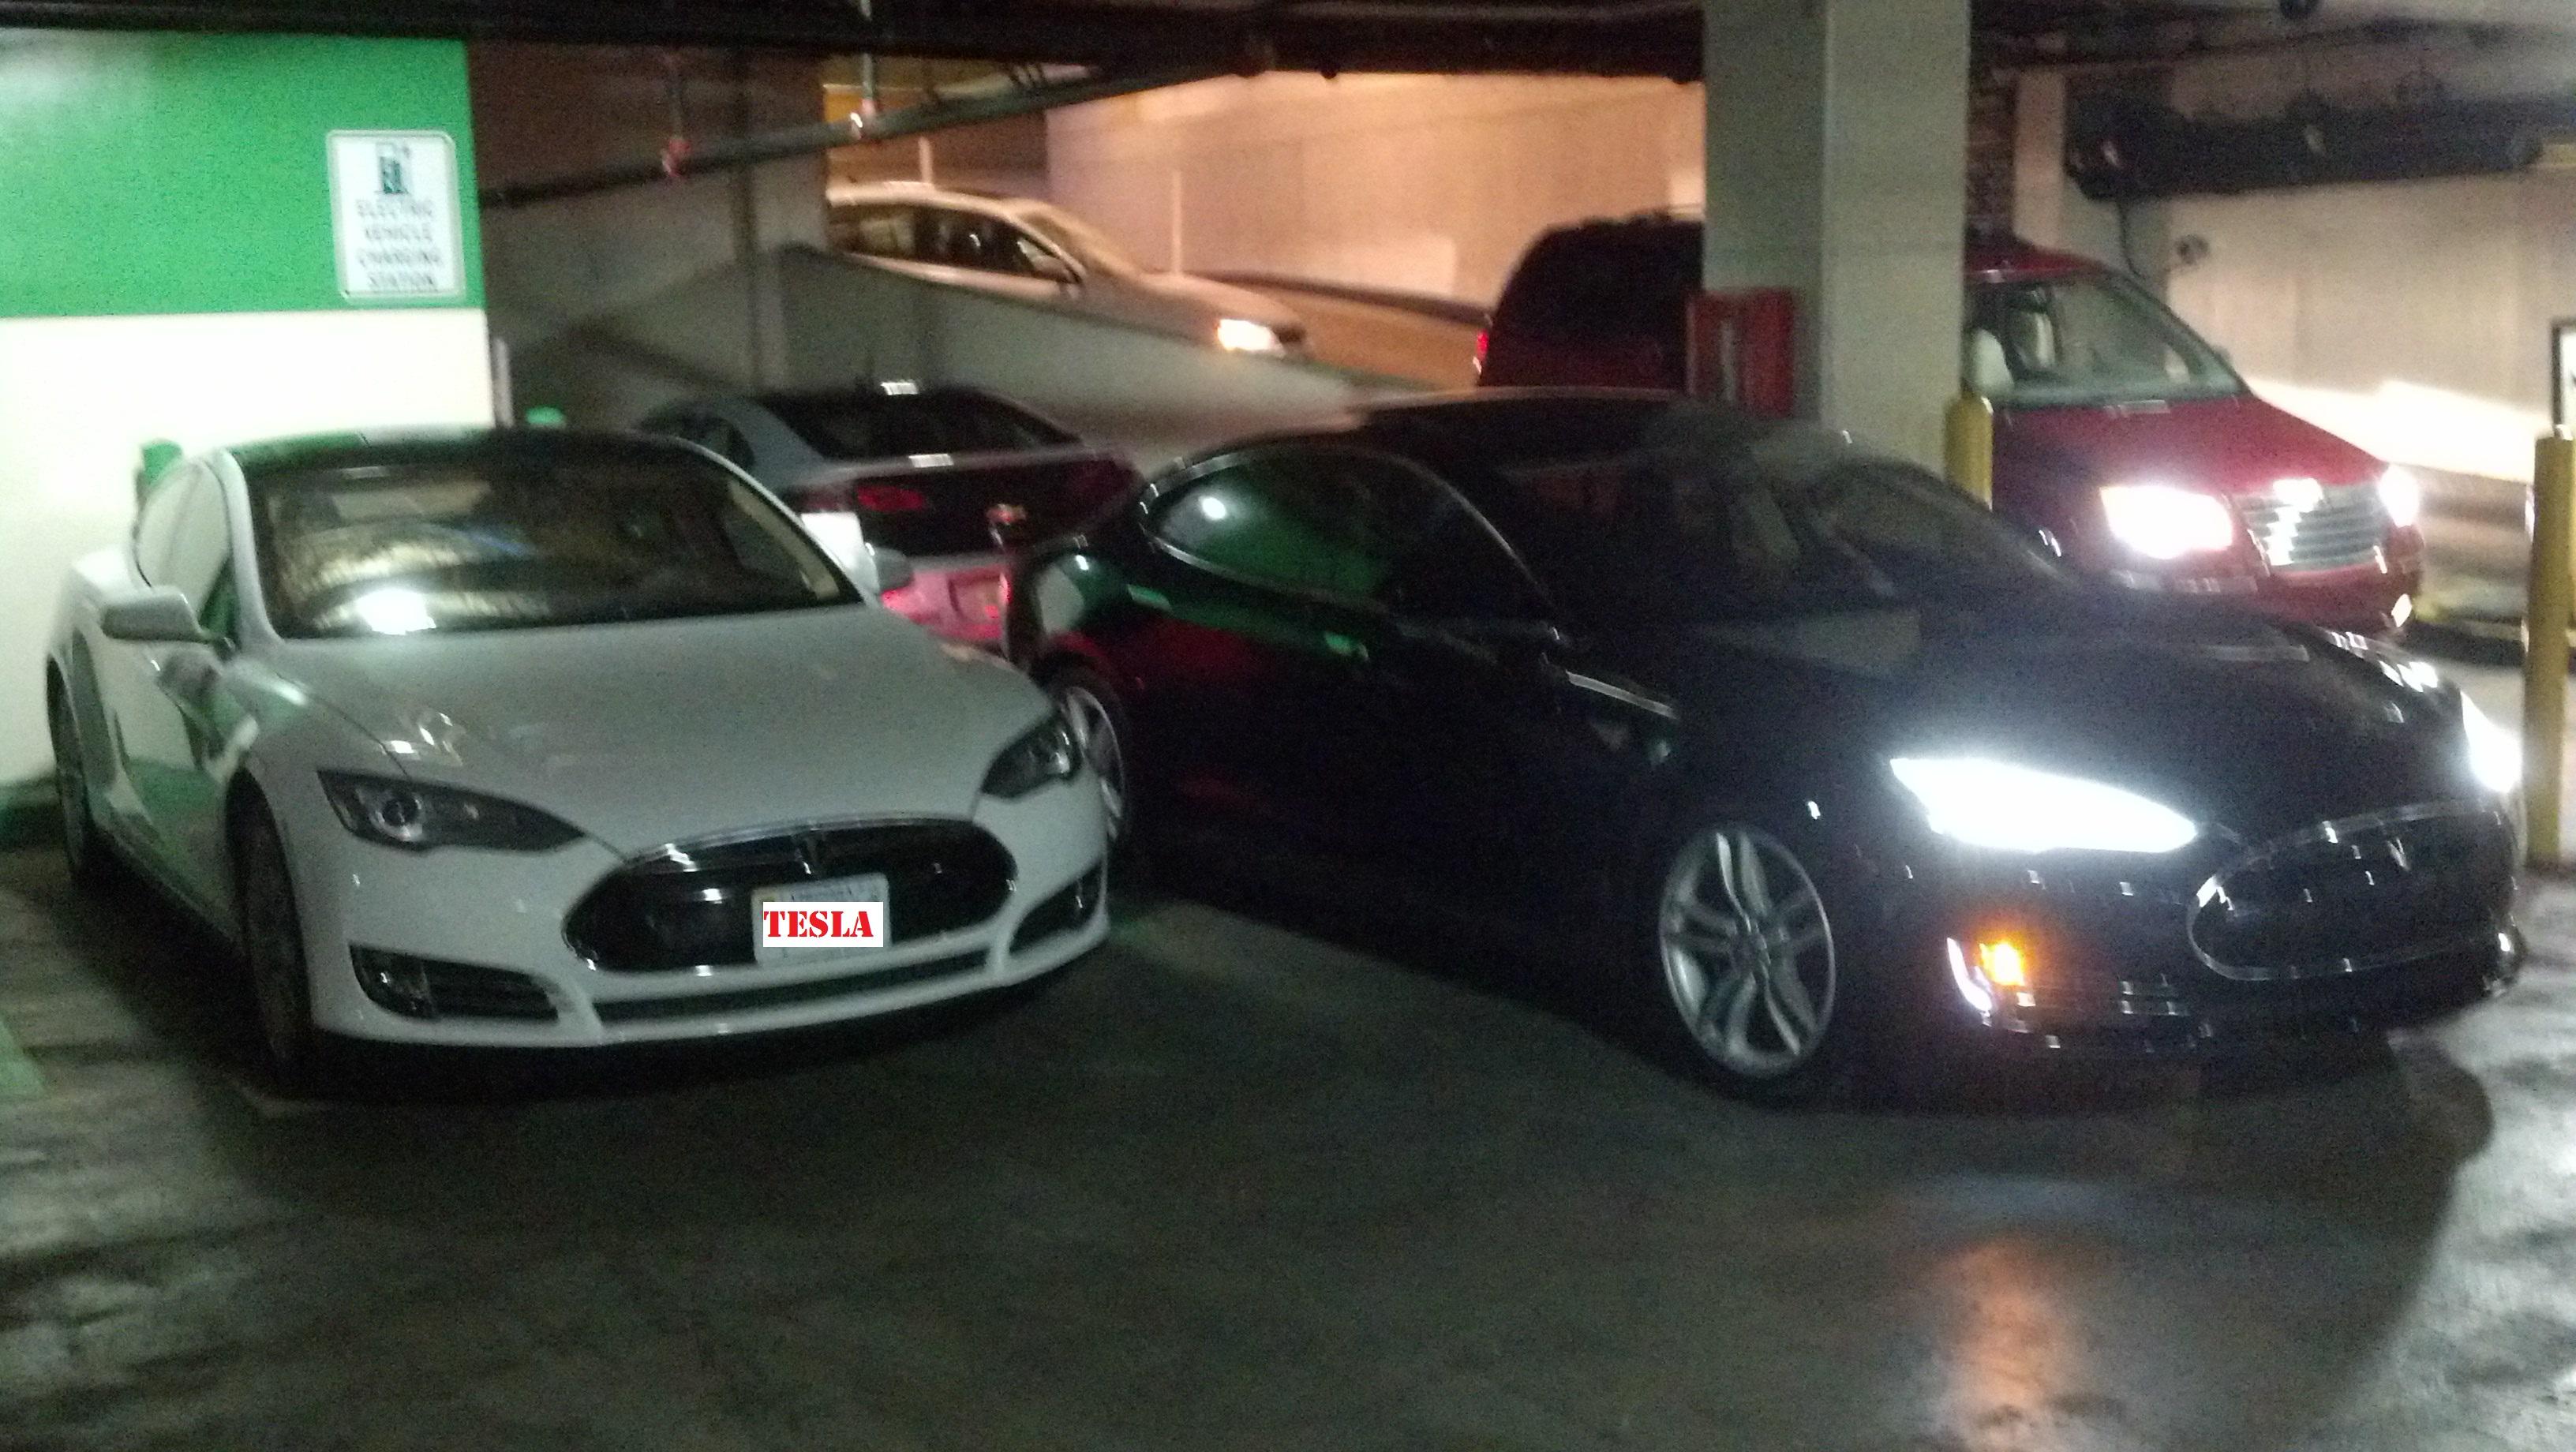 TeslaAndMe.jpg